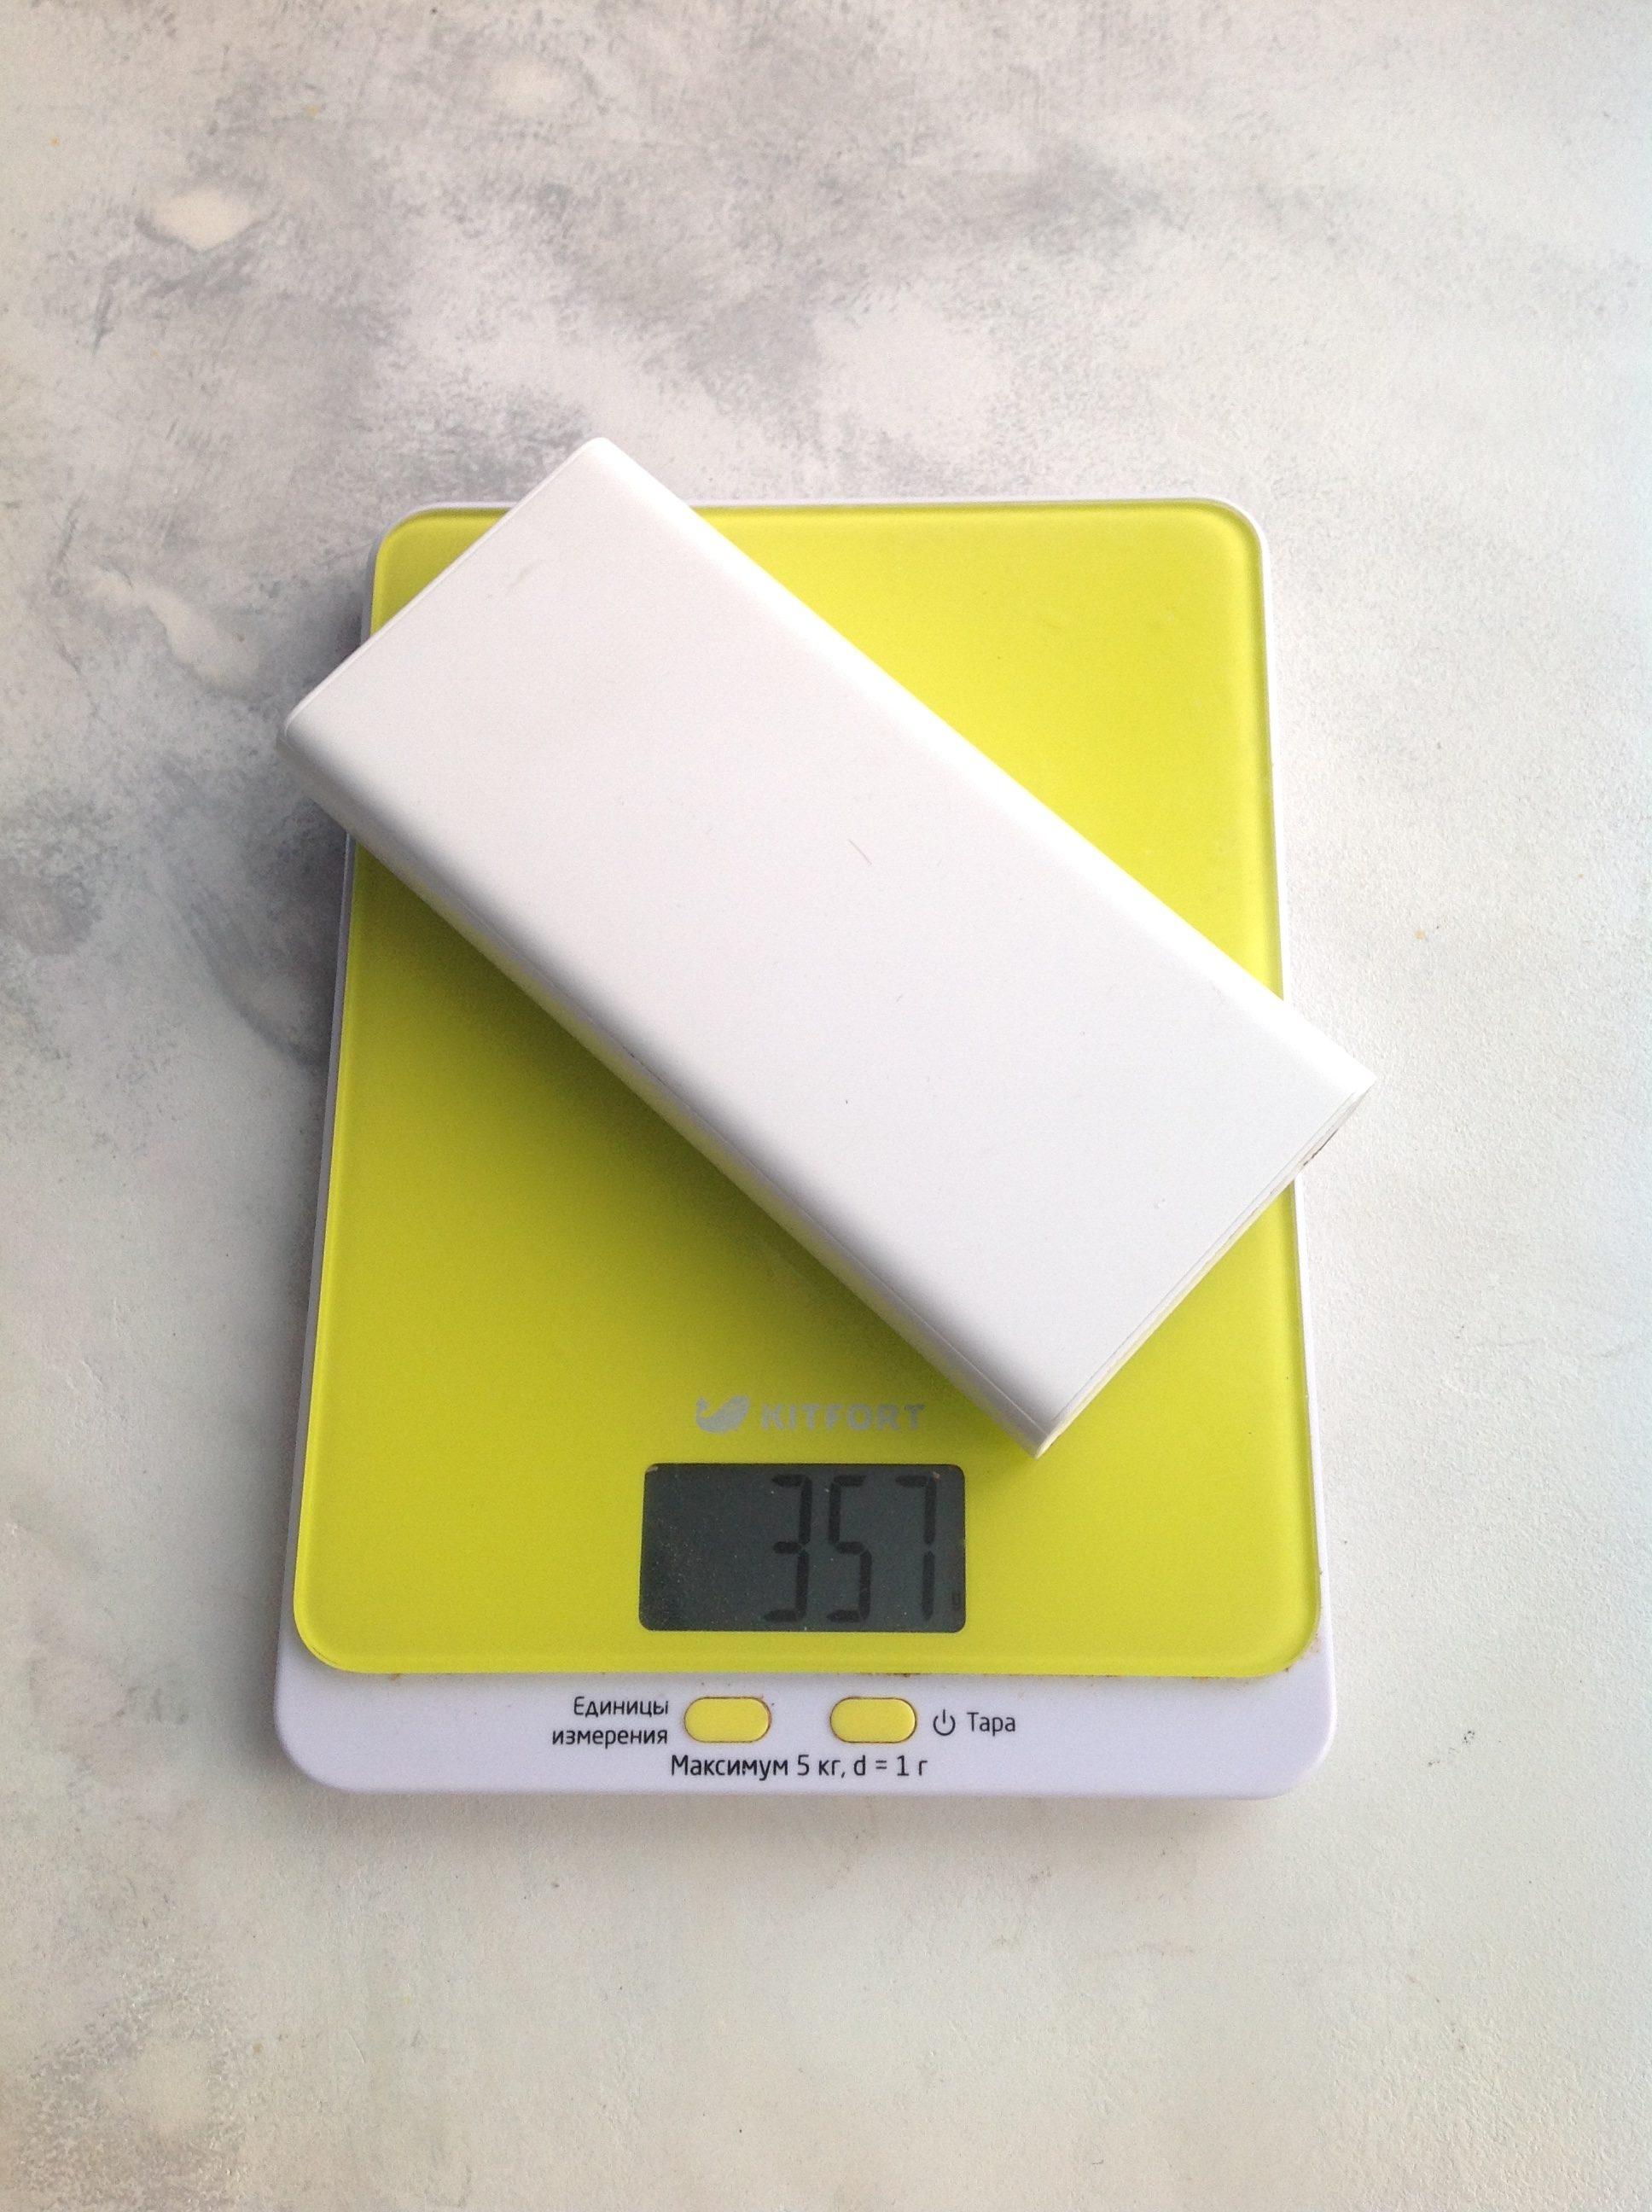 вес внешнего аккумулятора